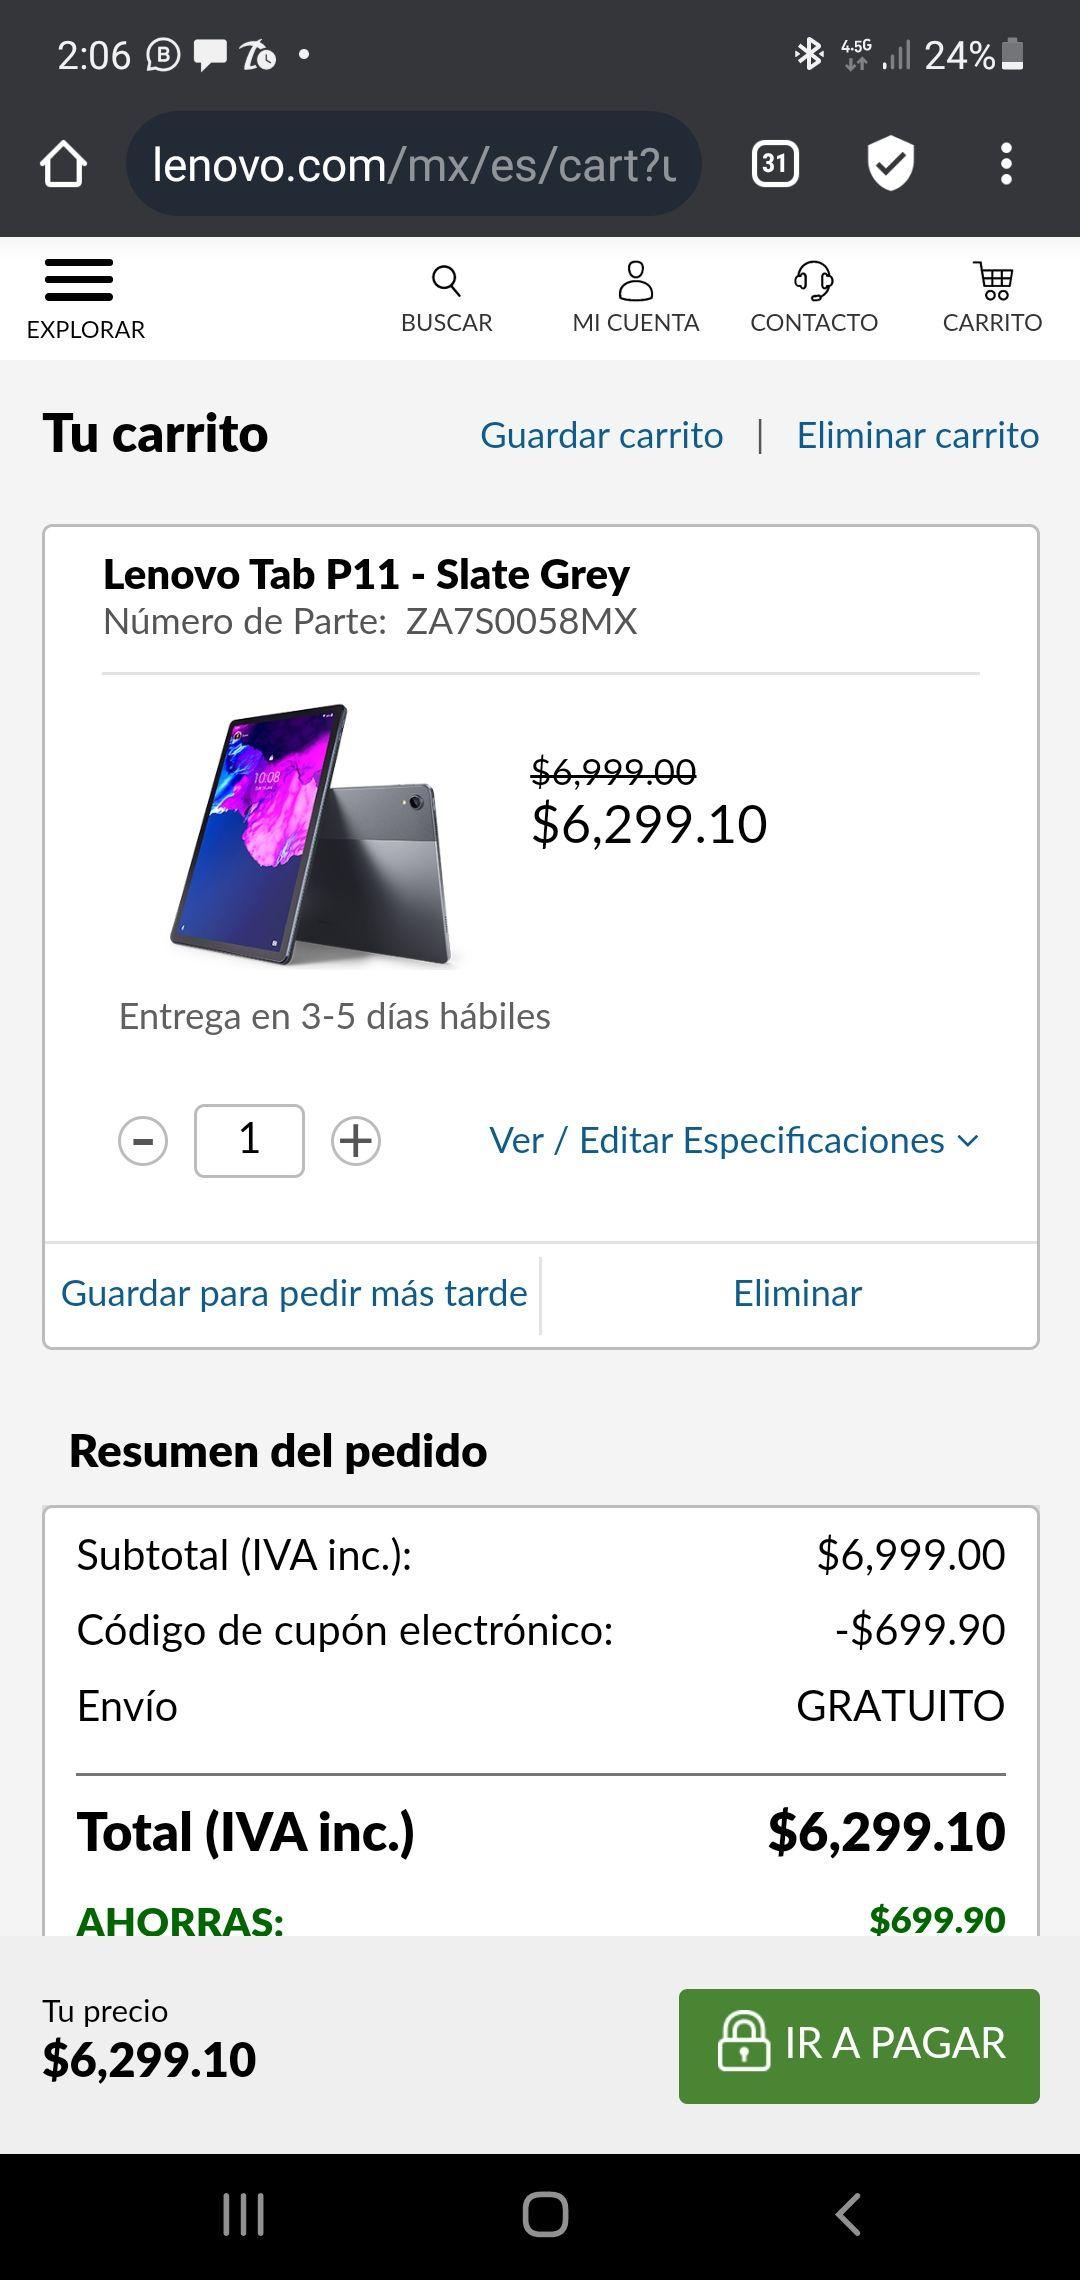 Lenovo: Tablet P11 LTE pantalla 2k, compatible con teclado magnético y stylus y a 12 msi